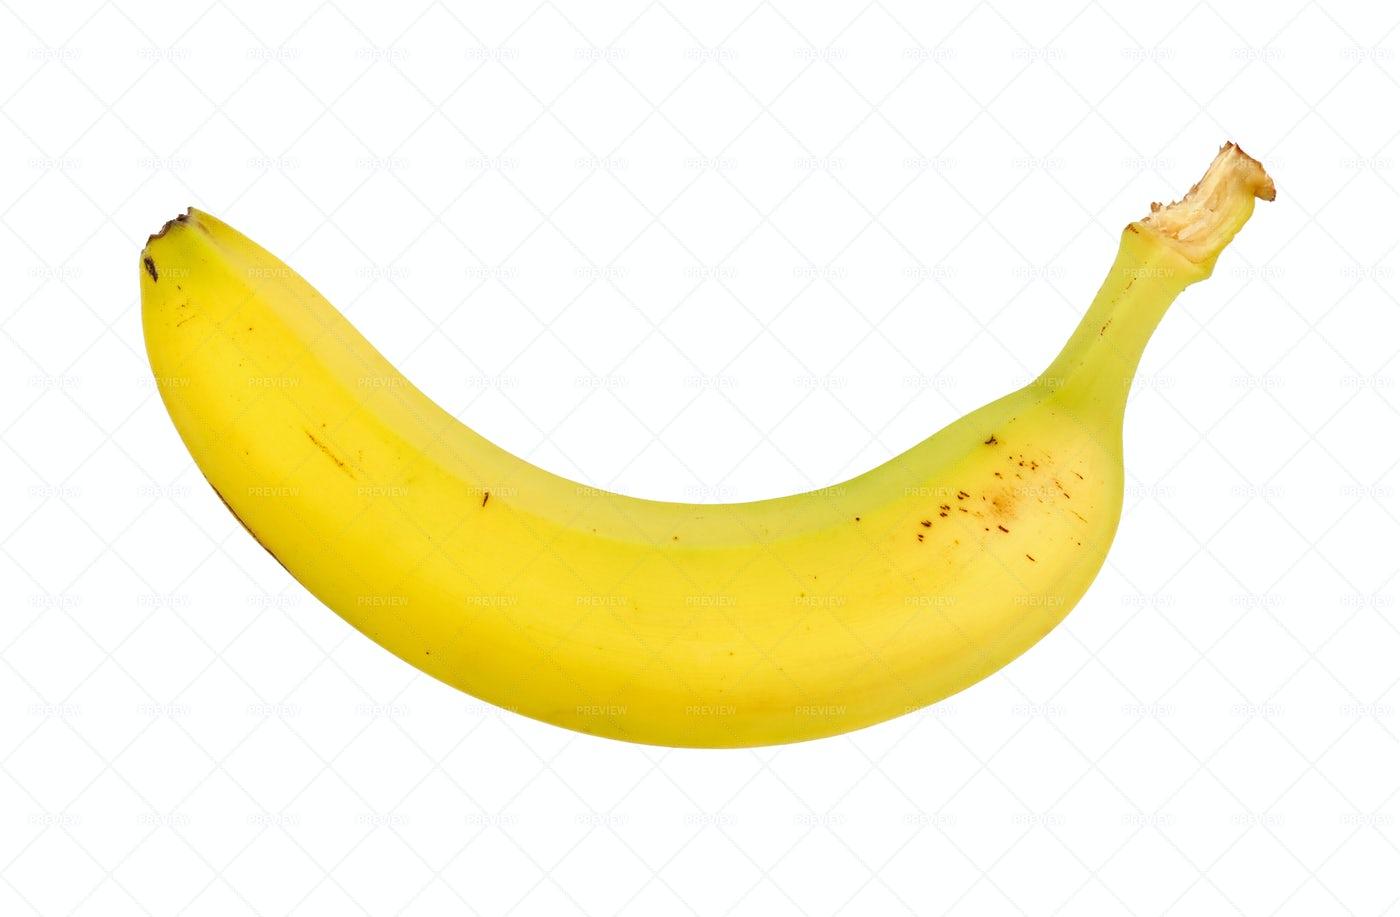 A Single Banana: Stock Photos